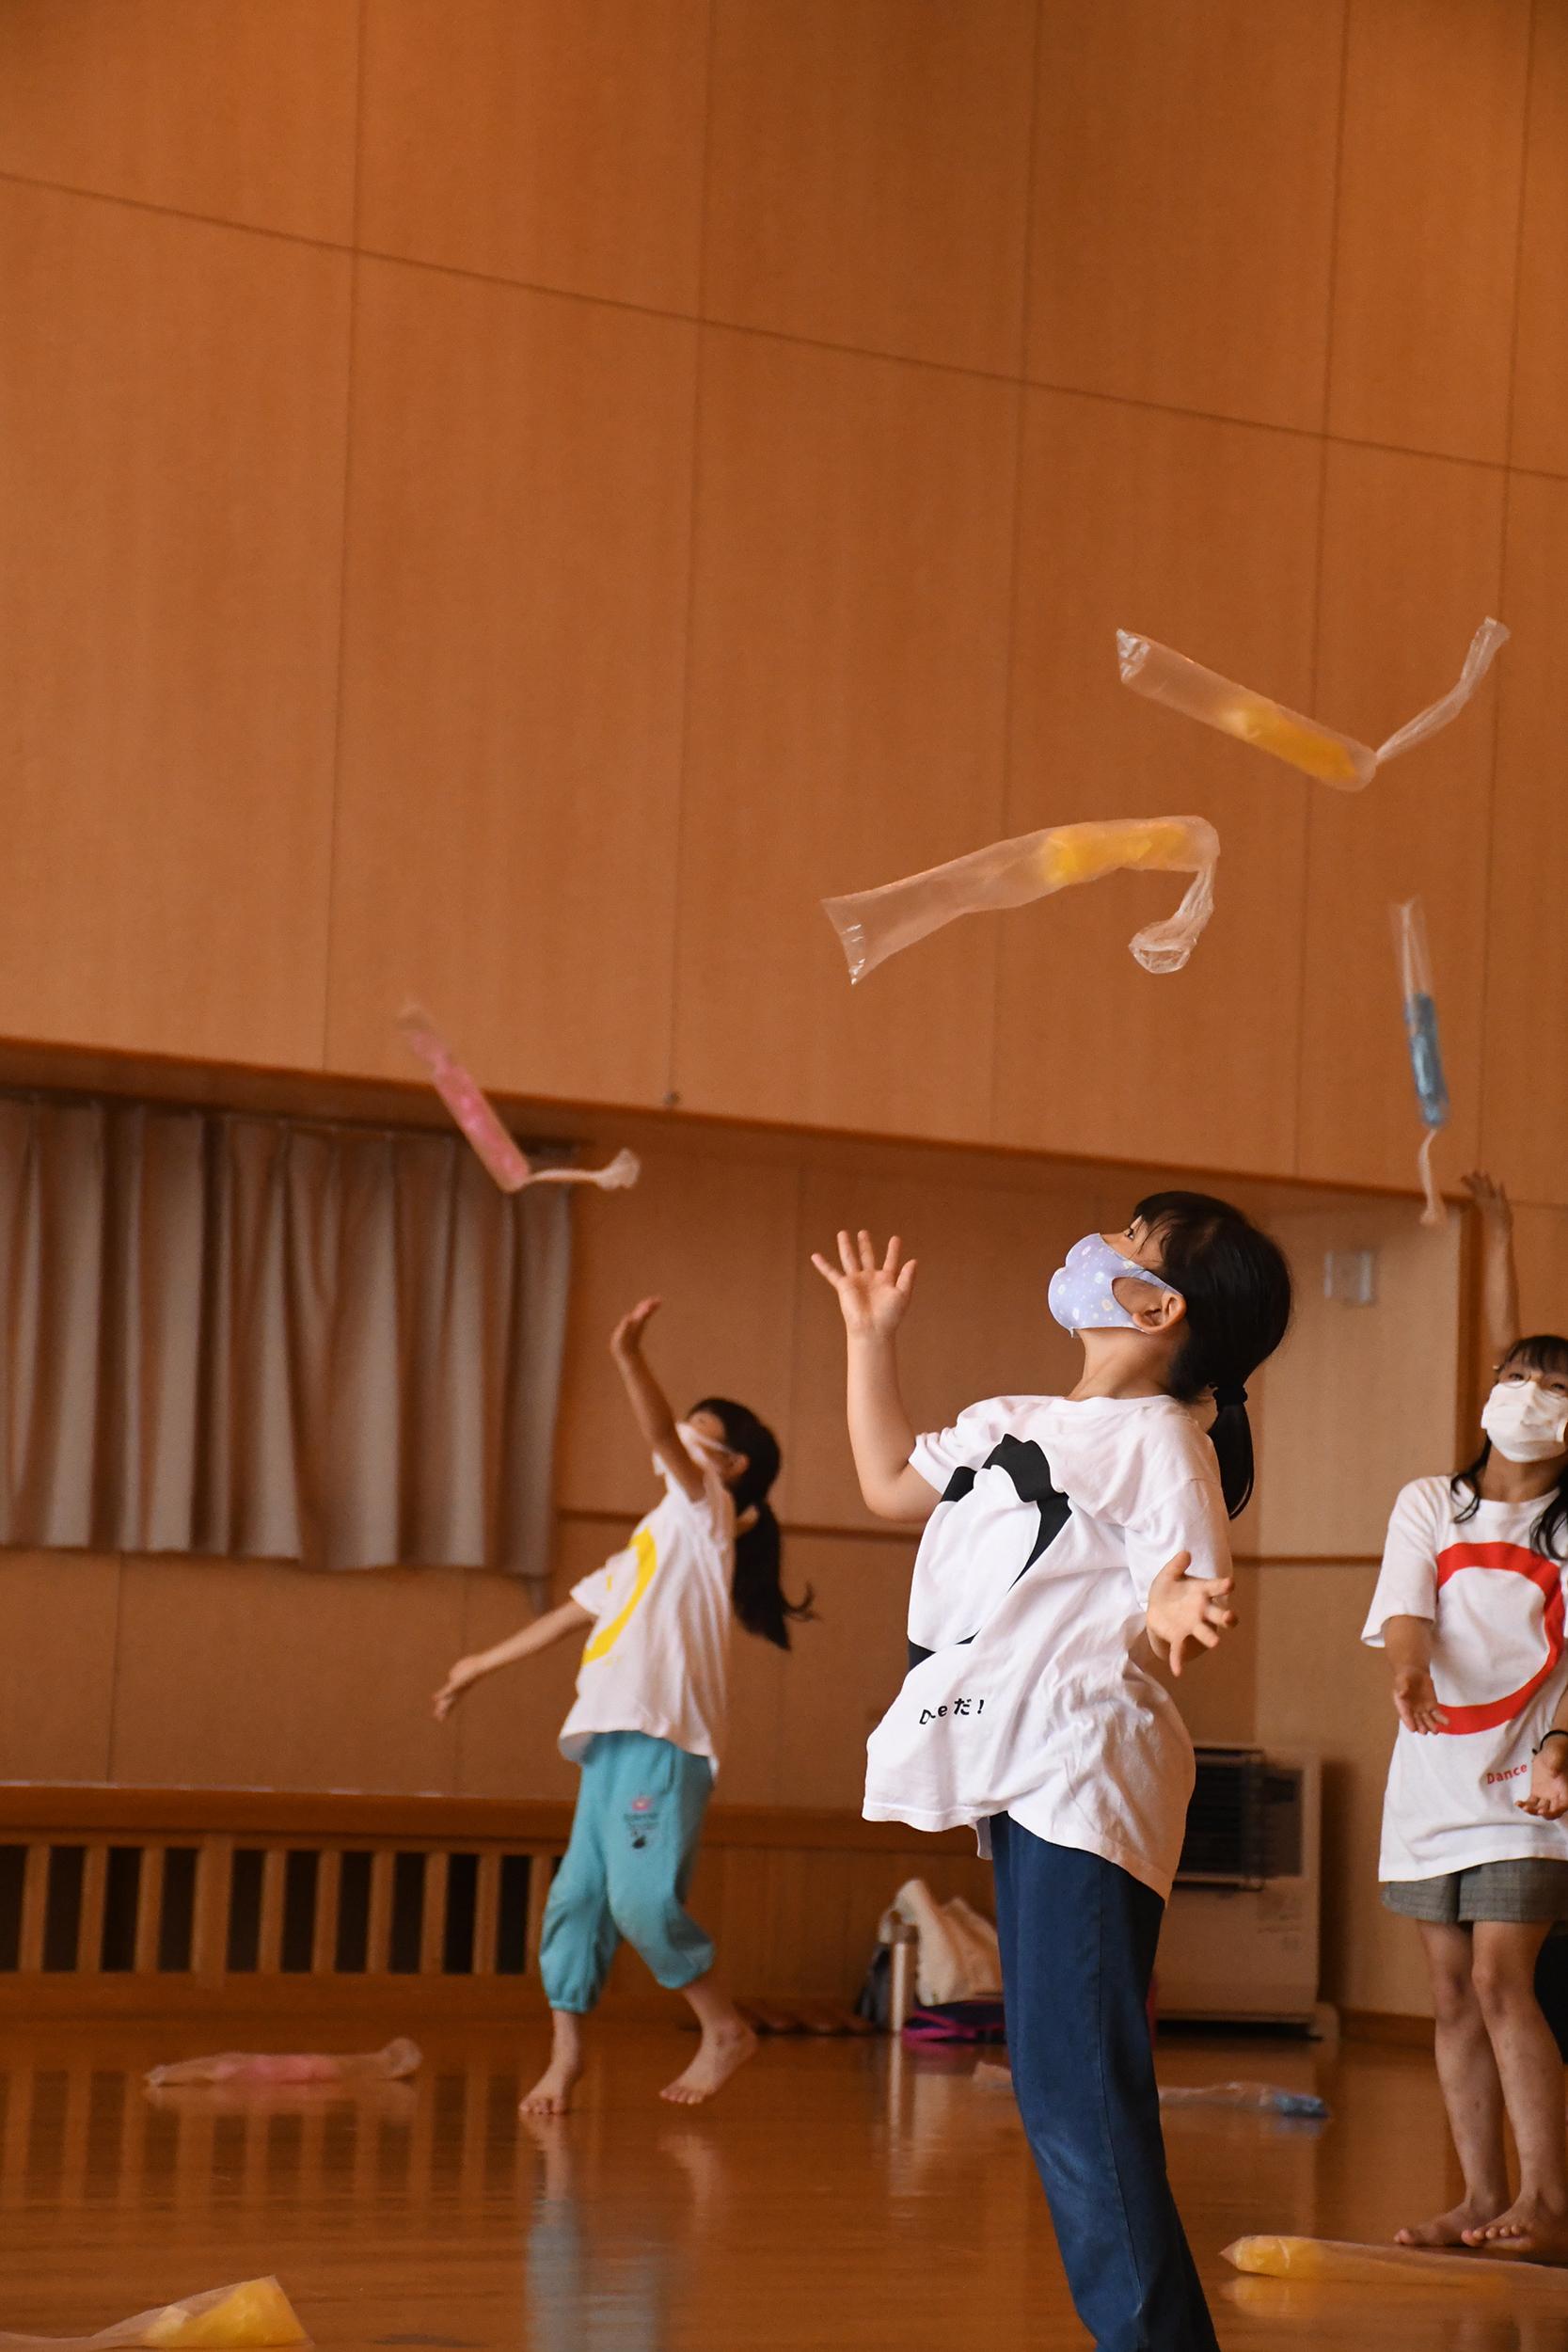 身体表現ワークショップ(小学生以上) 荘銀タクト鶴岡2021年度自主事業【Dance Dance TACT】